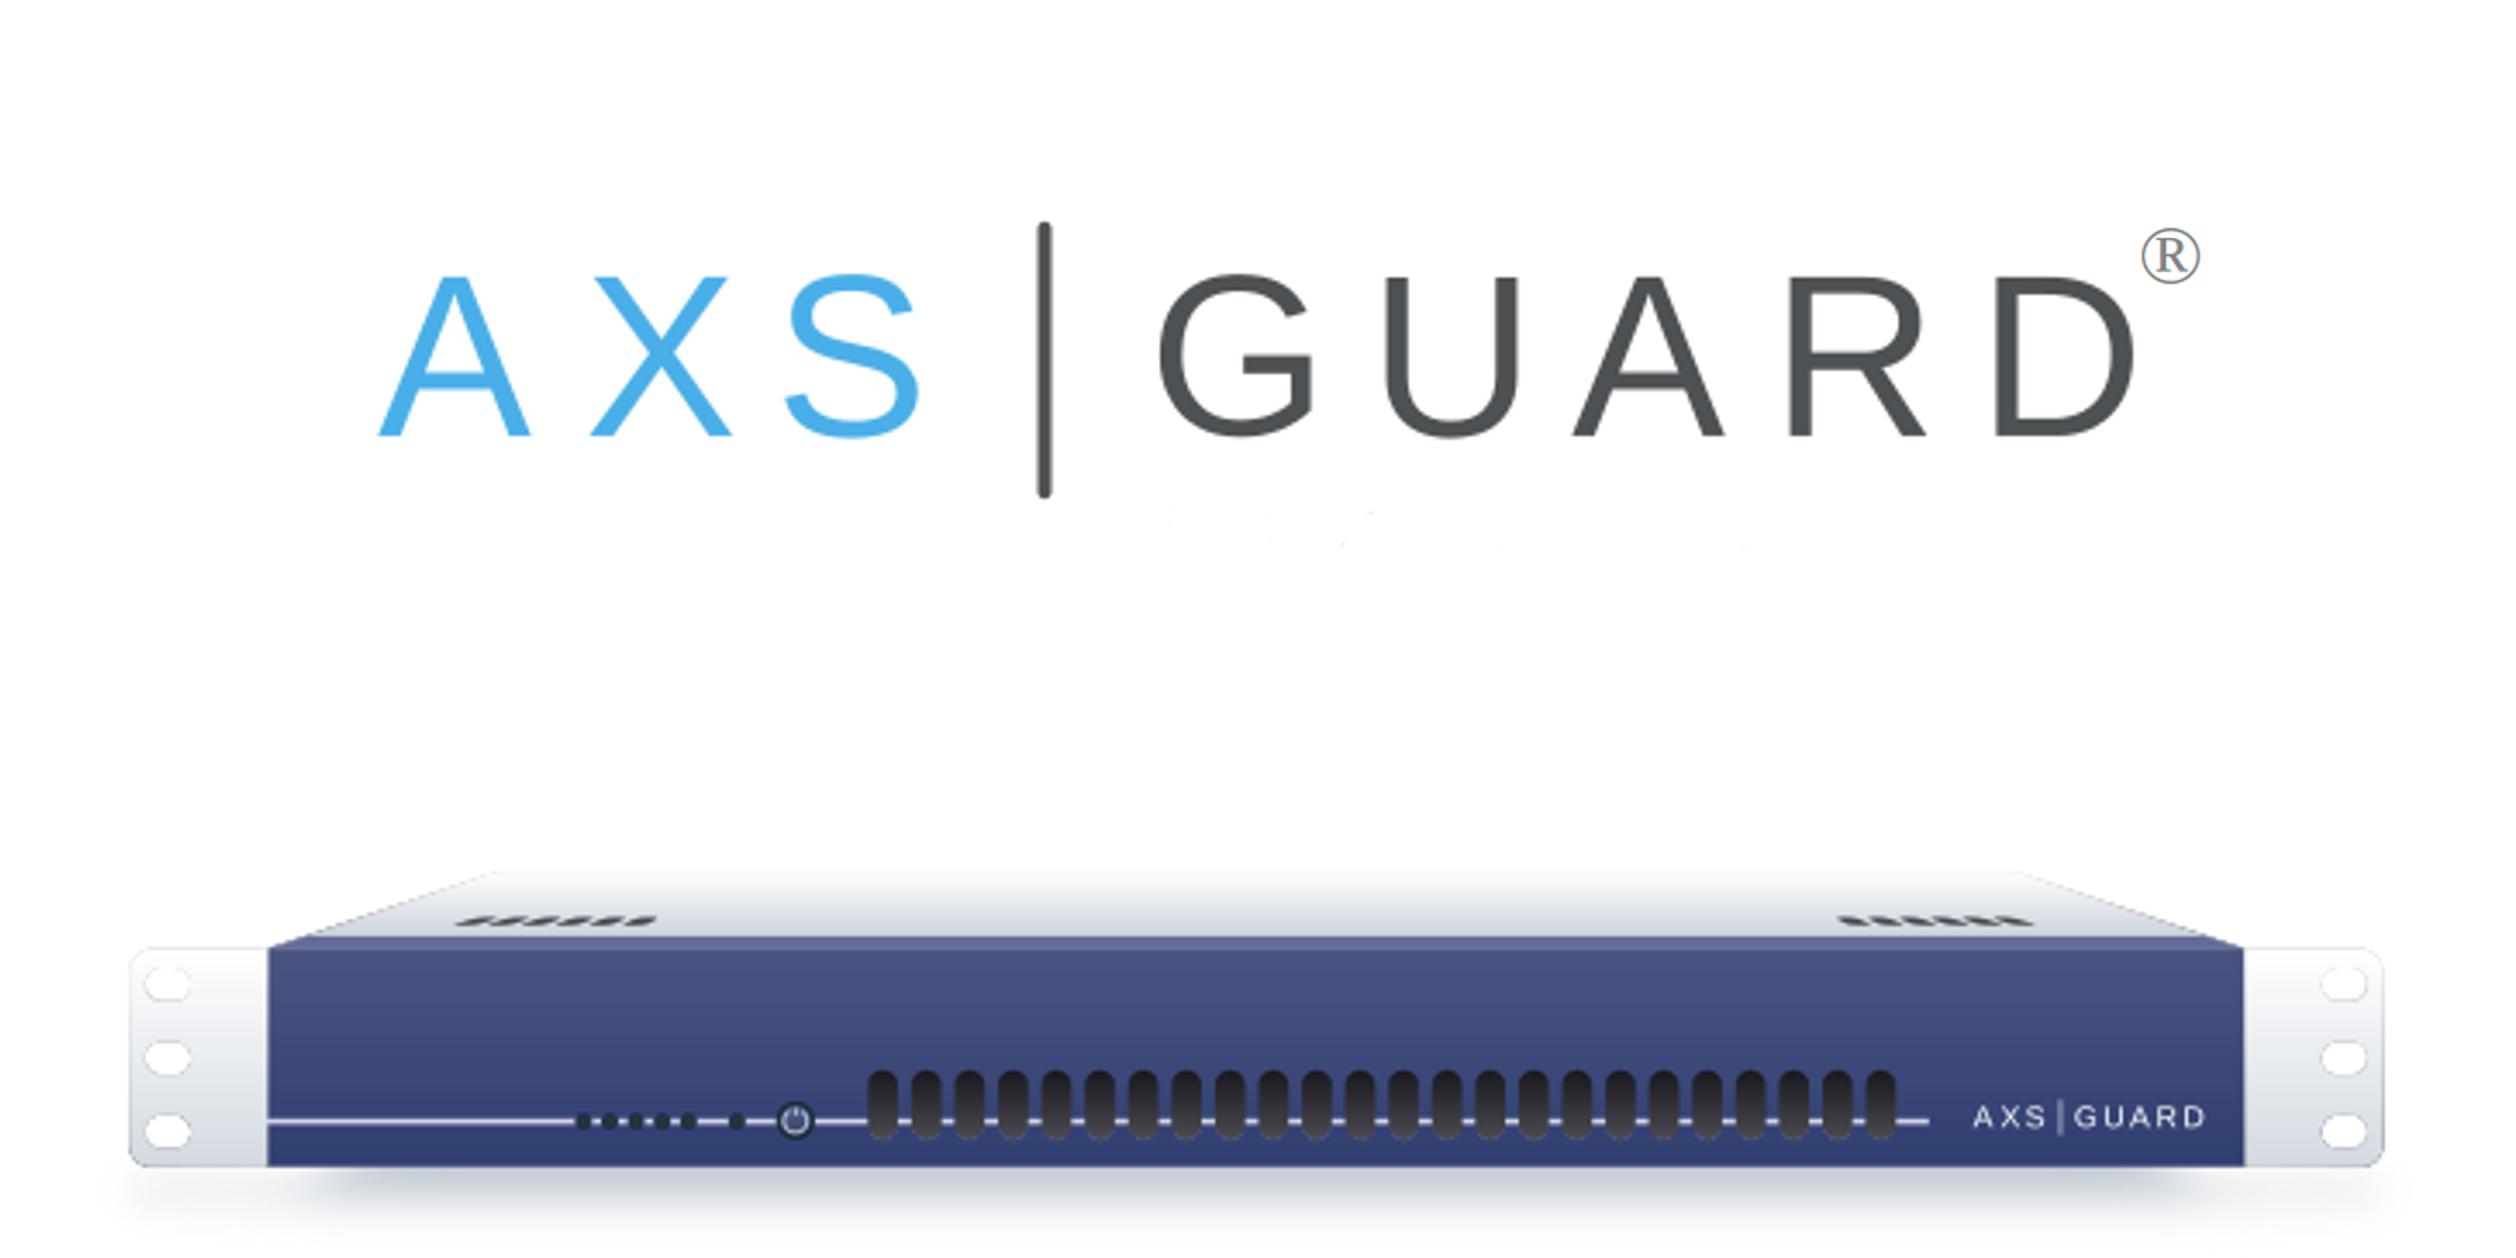 AXS GUARD lance un nouveau modèle de services de sécurité